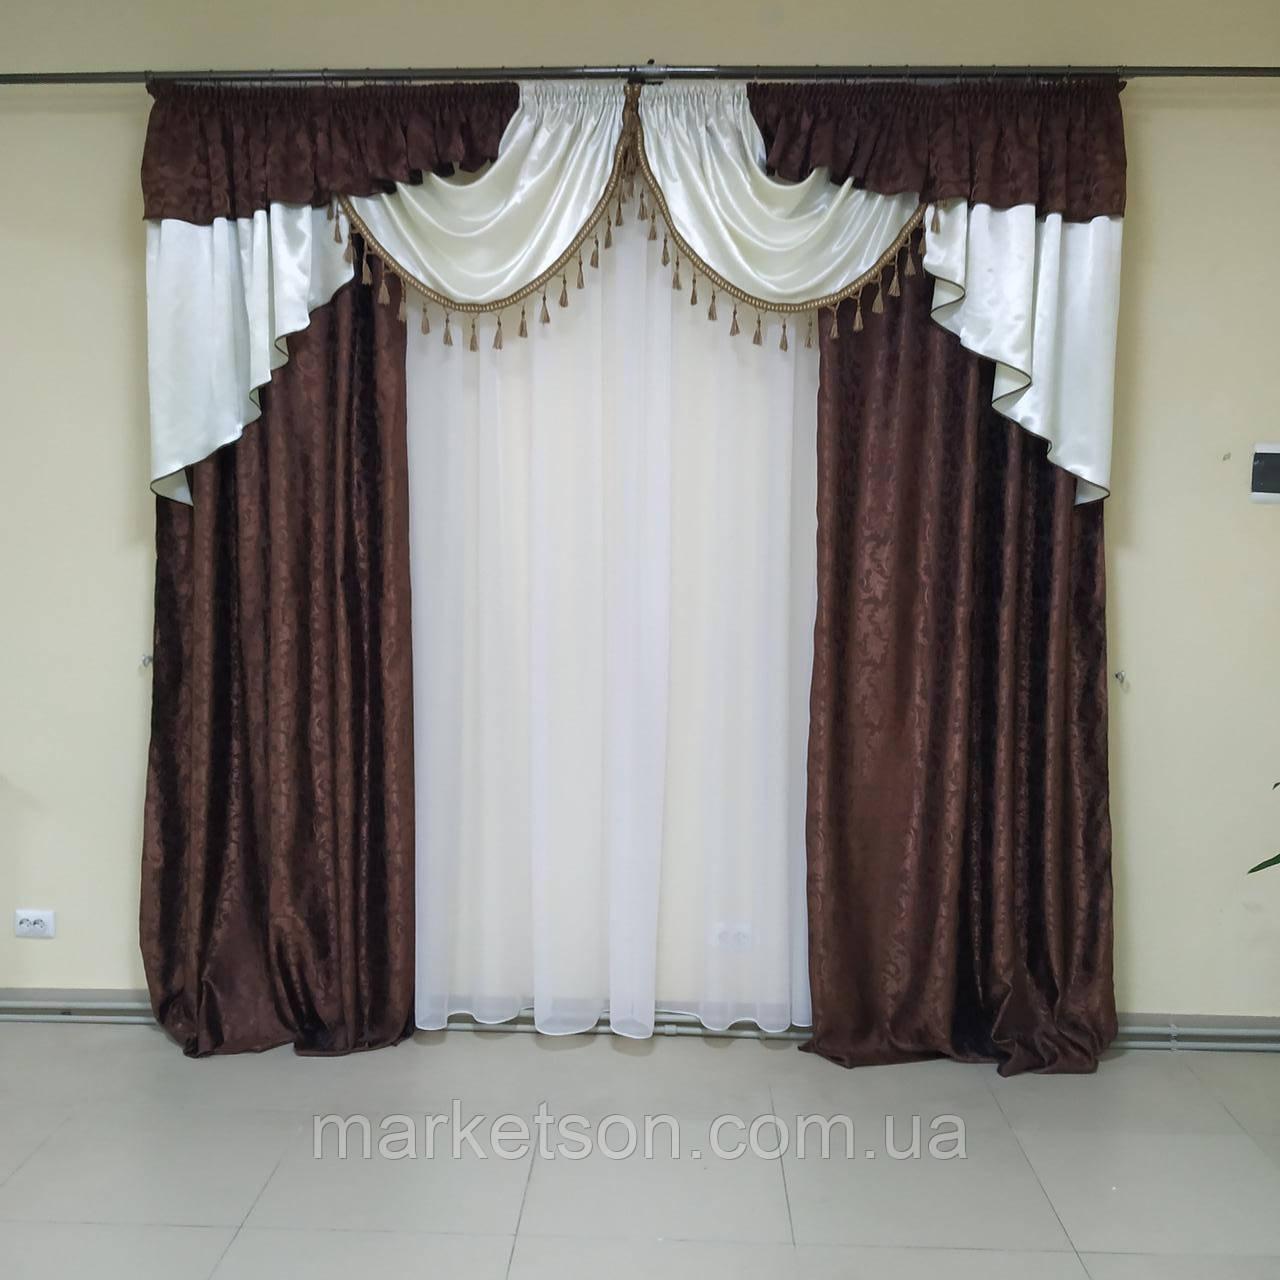 Комплект штор з ламбрекеном жаккард для спальні та вітальні